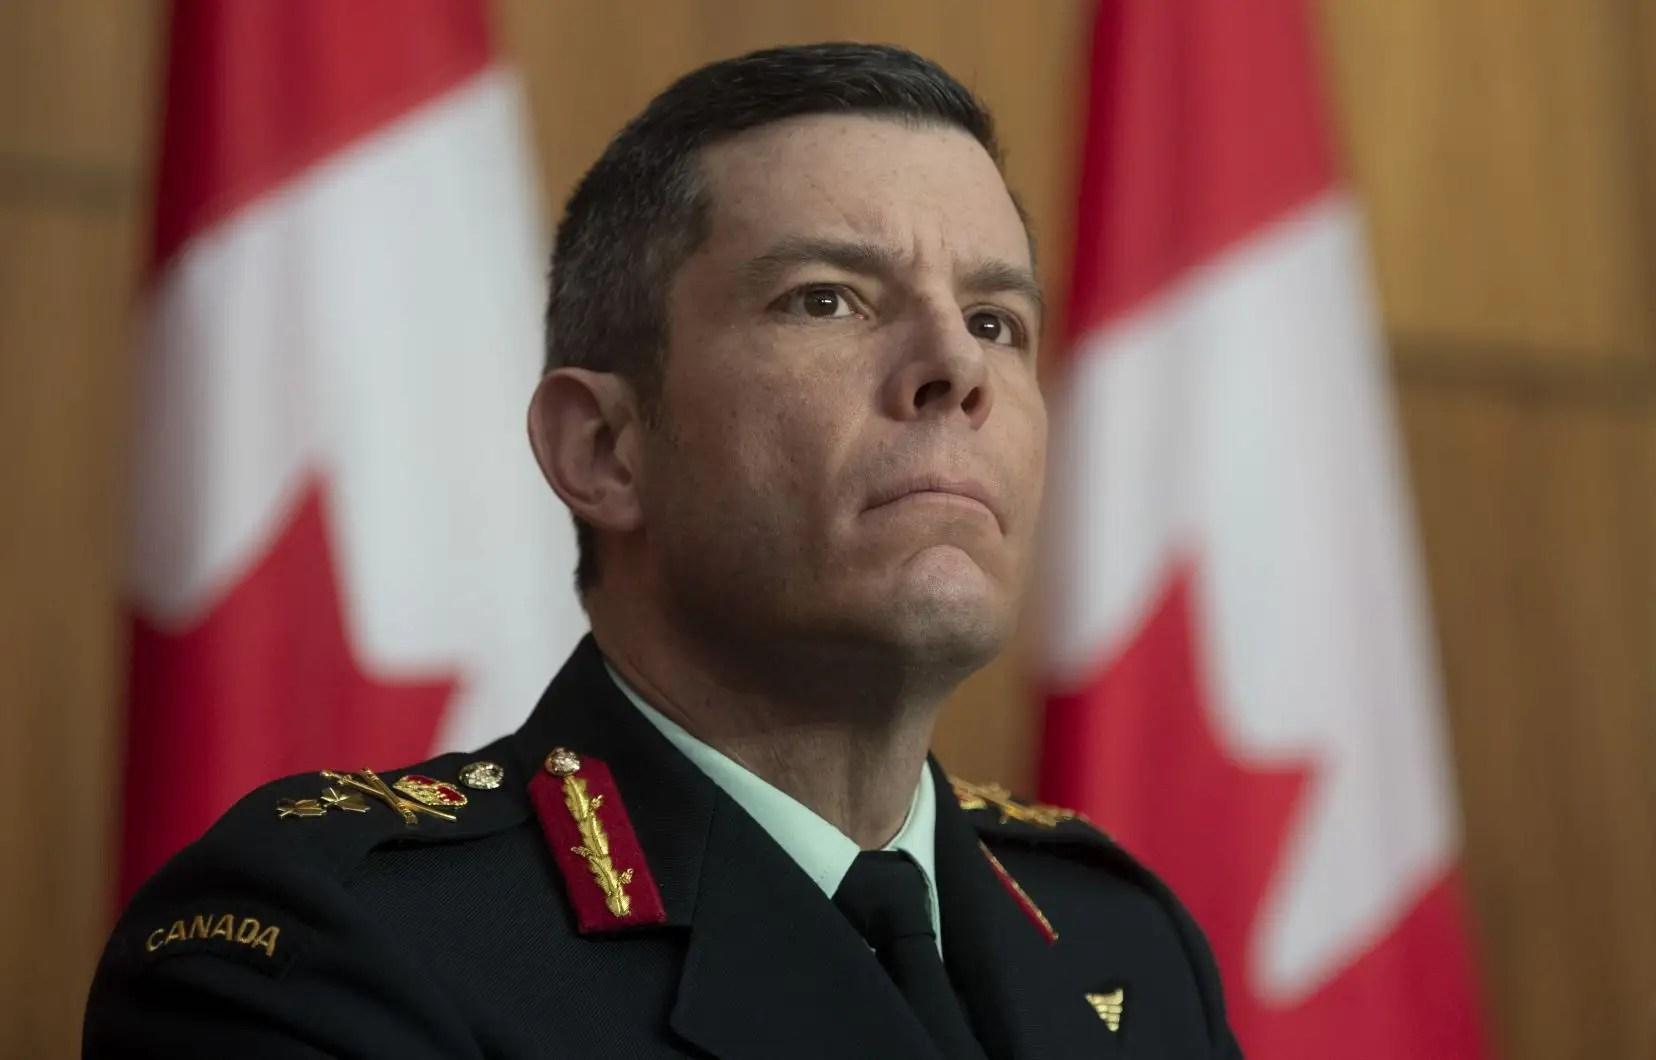 Démis de ses fonctions, le major-général Dany Fortin conteste la décision en cour